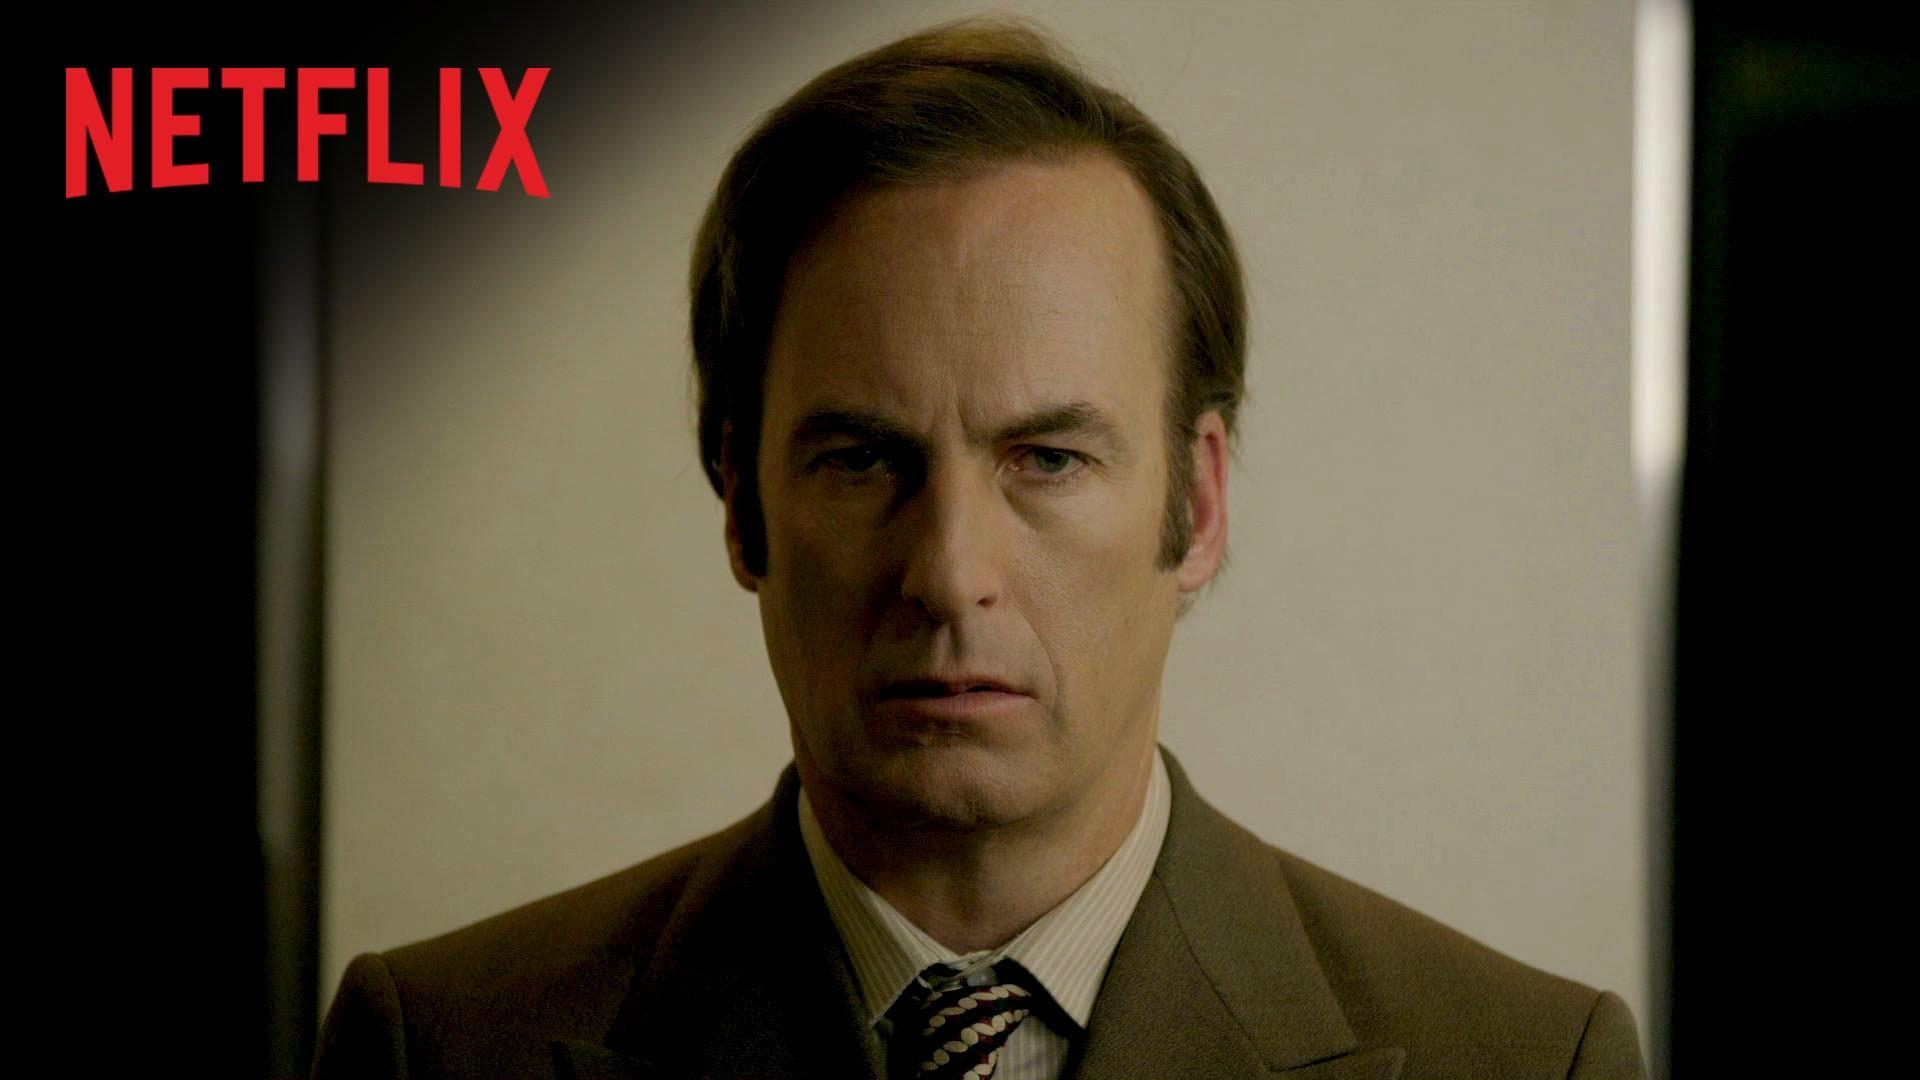 Las 7 mejores series originales de Netflix